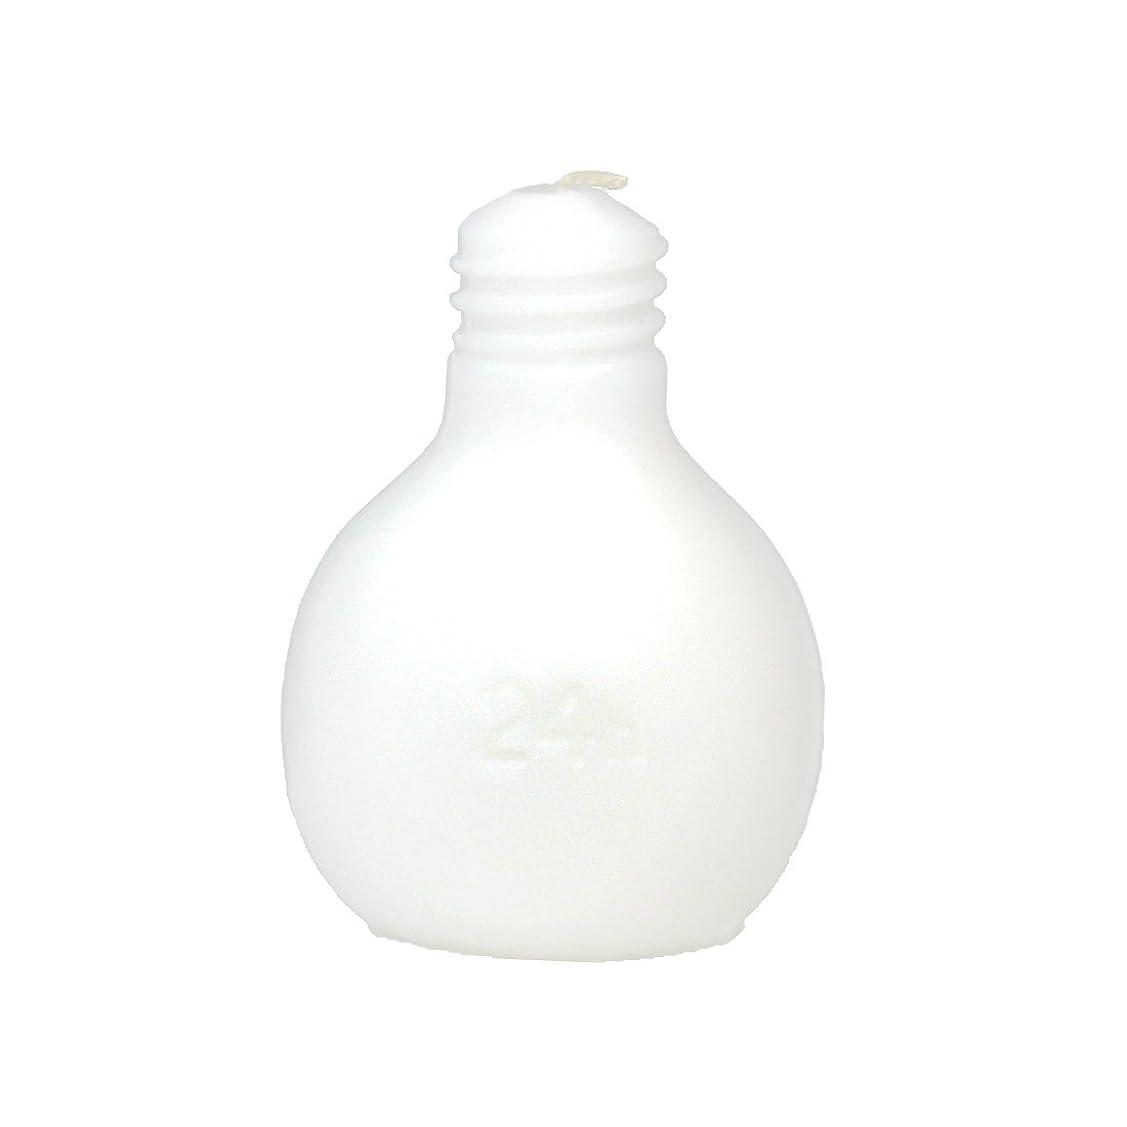 偽装する免疫実現可能性カメヤマキャンドルハウス 節電球キャンドル  ホワイト